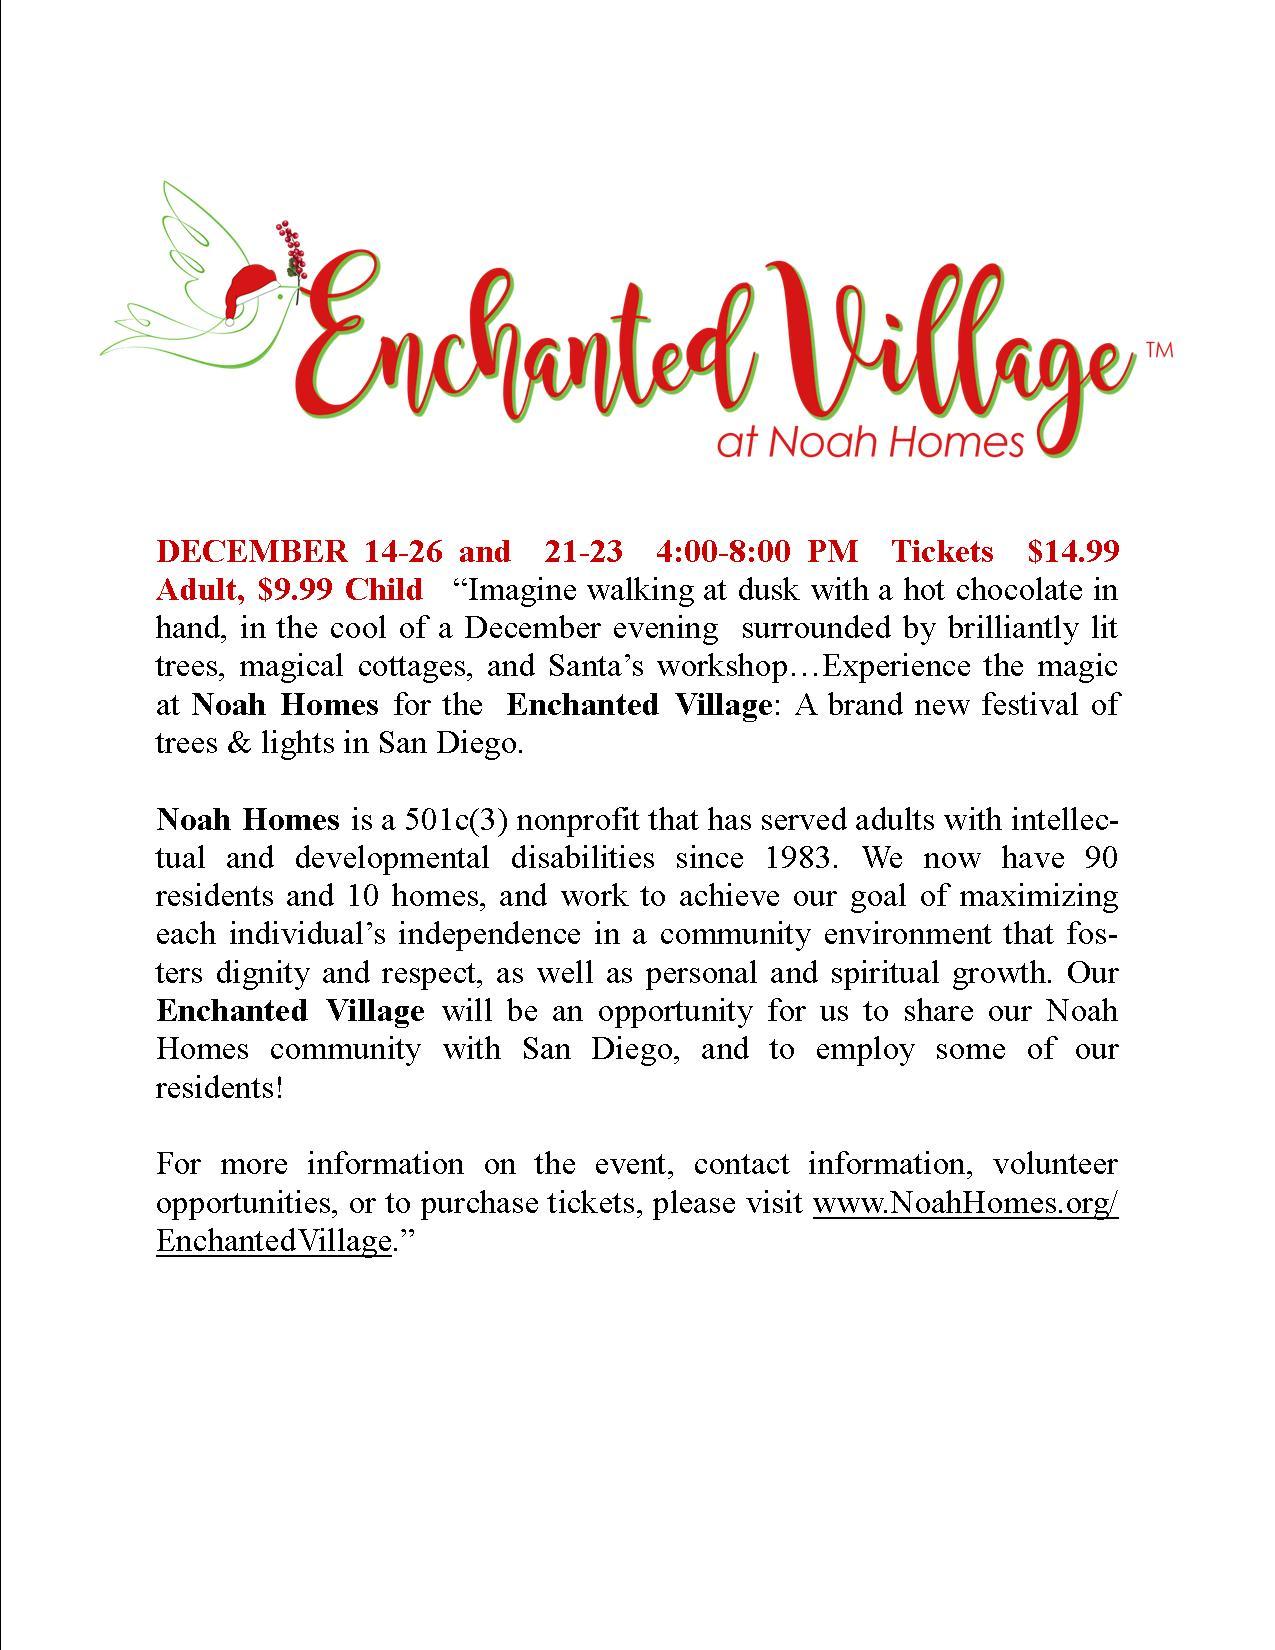 Enchanted Village at Noah Homes